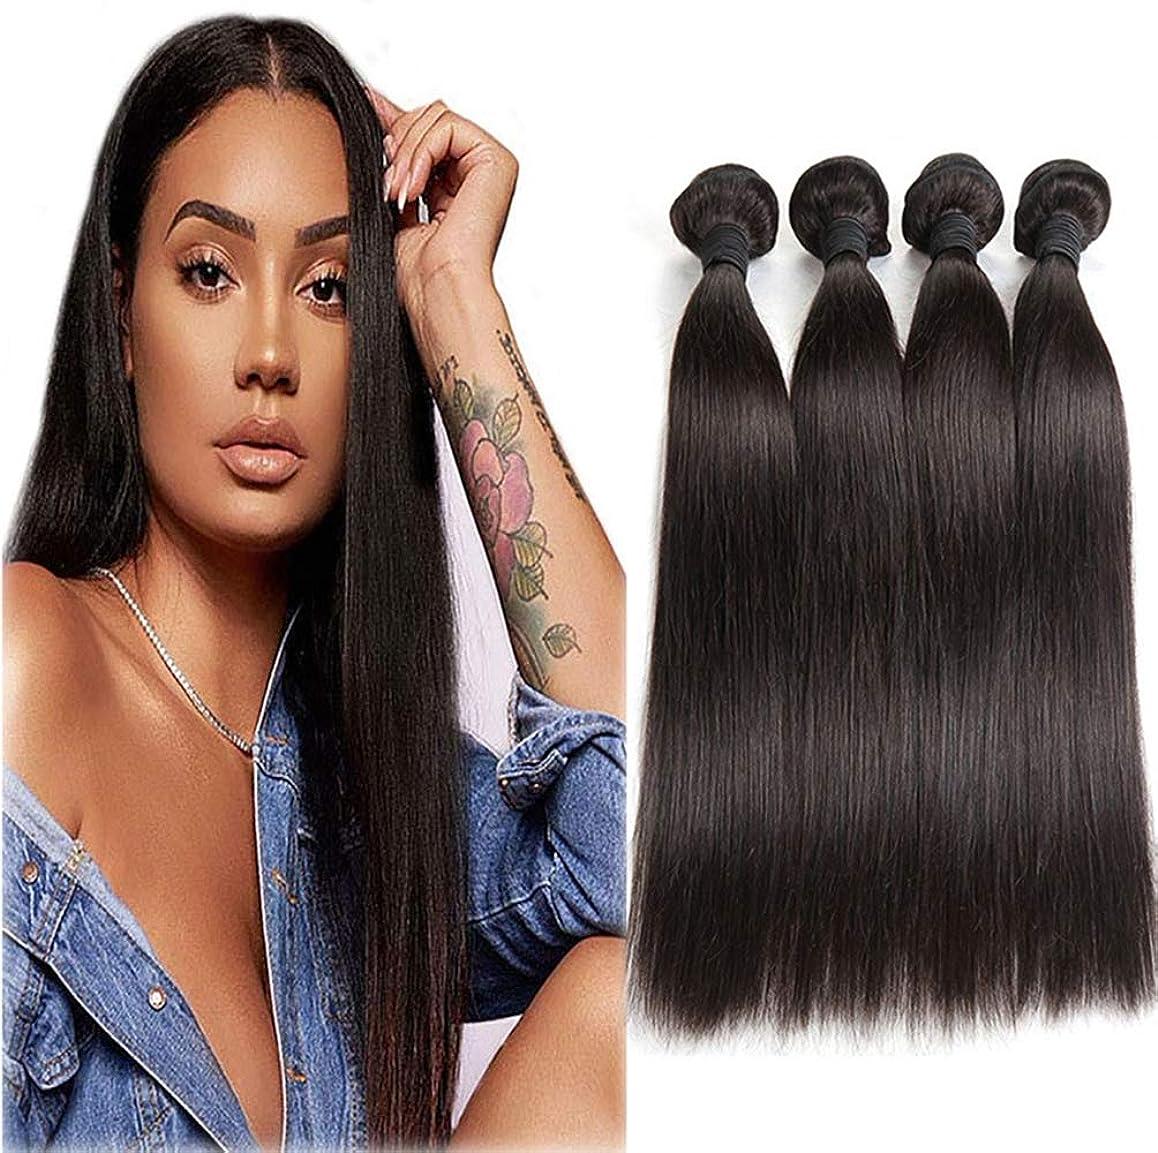 マントトランクライブラリ等女性の髪織り9Aブラジルストレートヘアバンドル安いブラジル髪バンドルストレート人間の髪バンドル黒